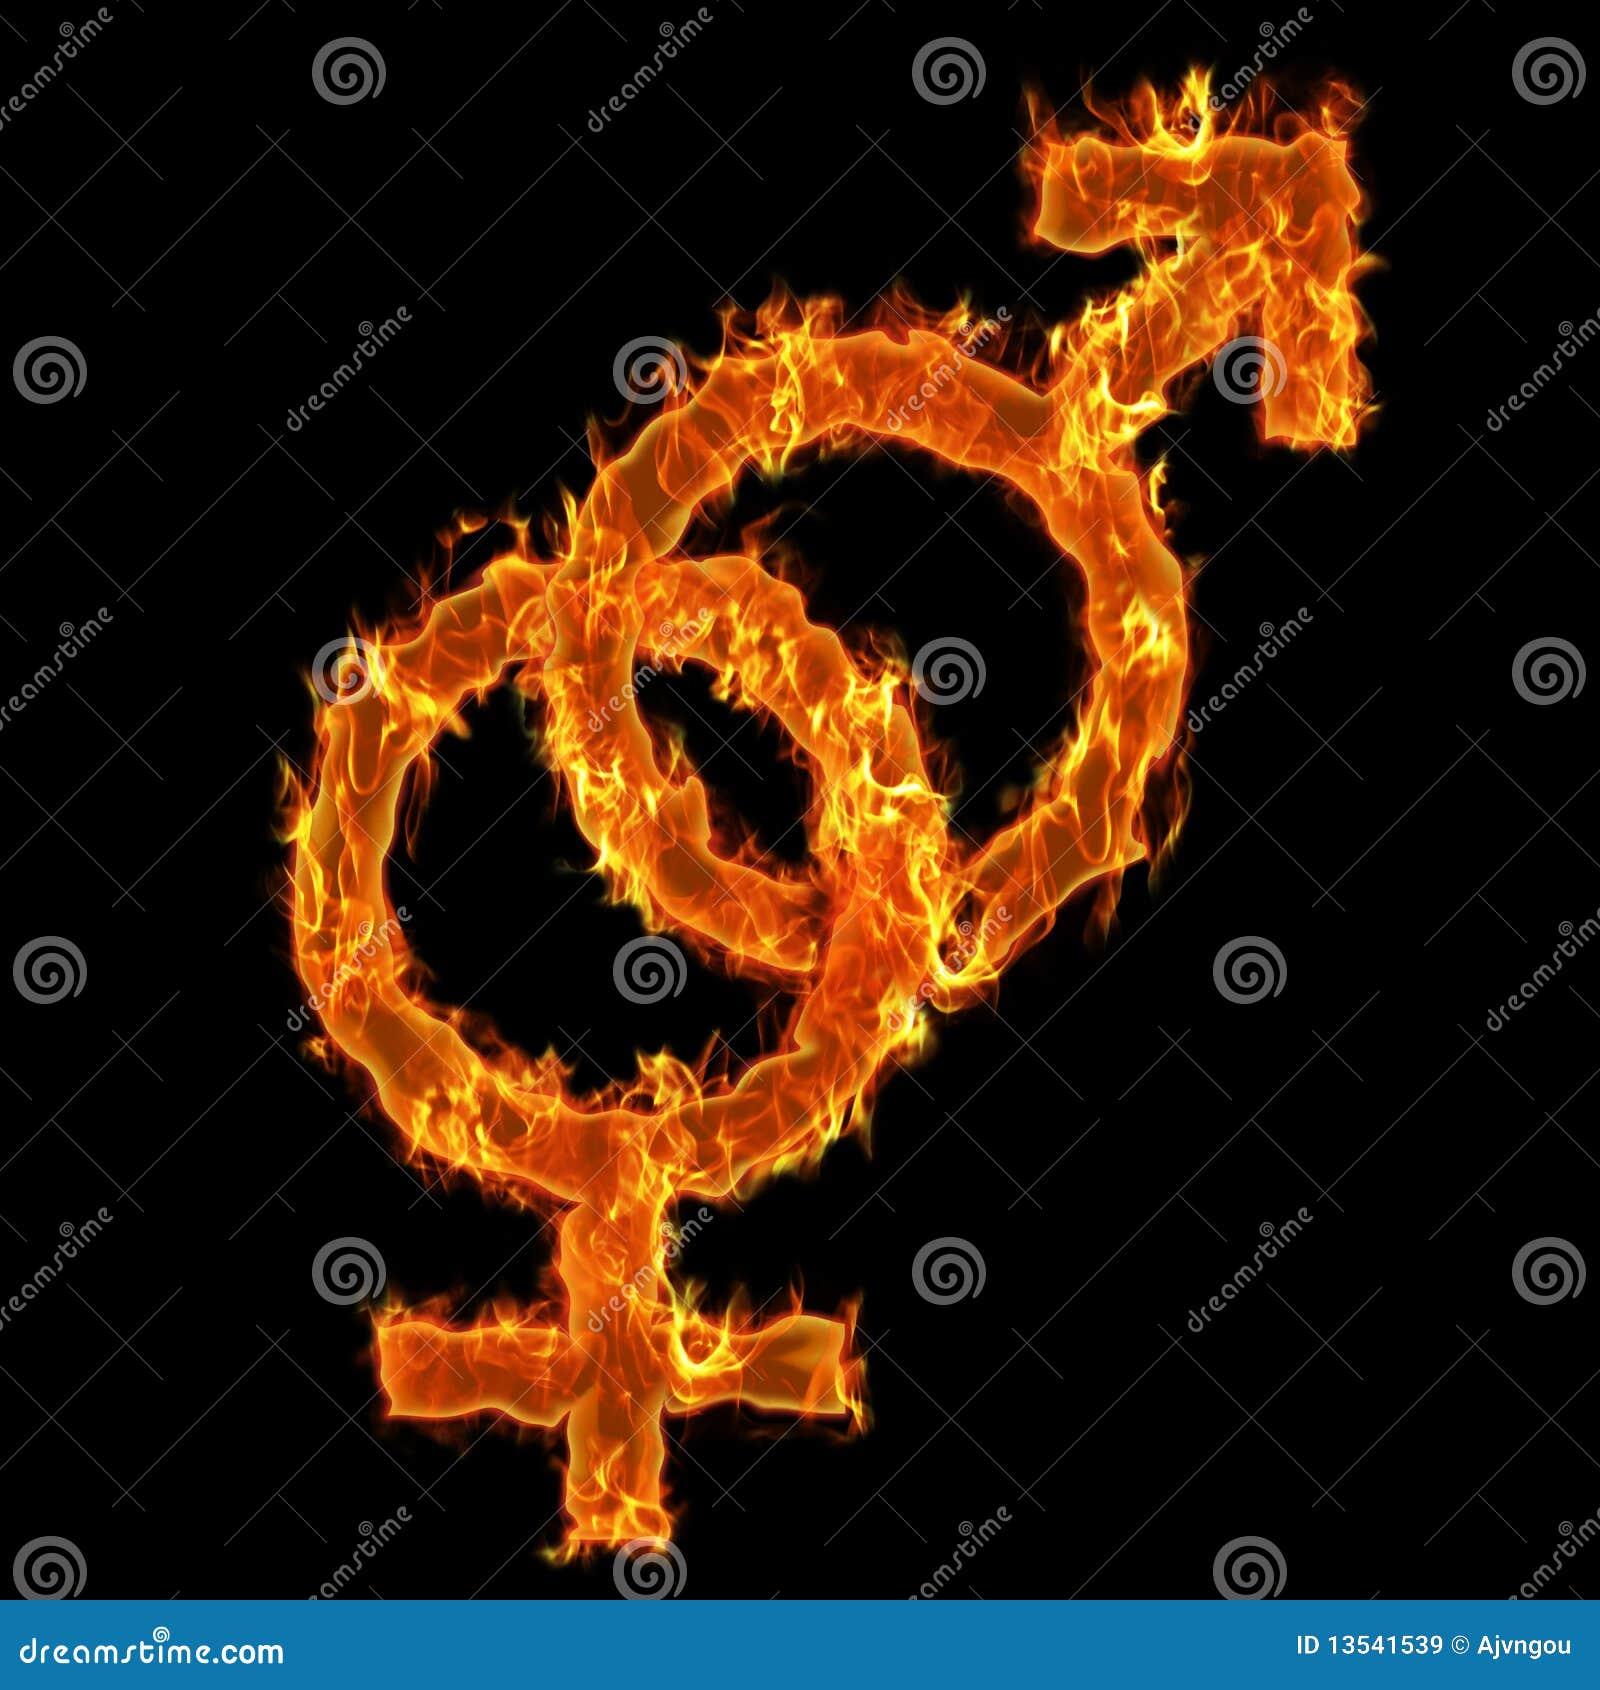 burning man symbol